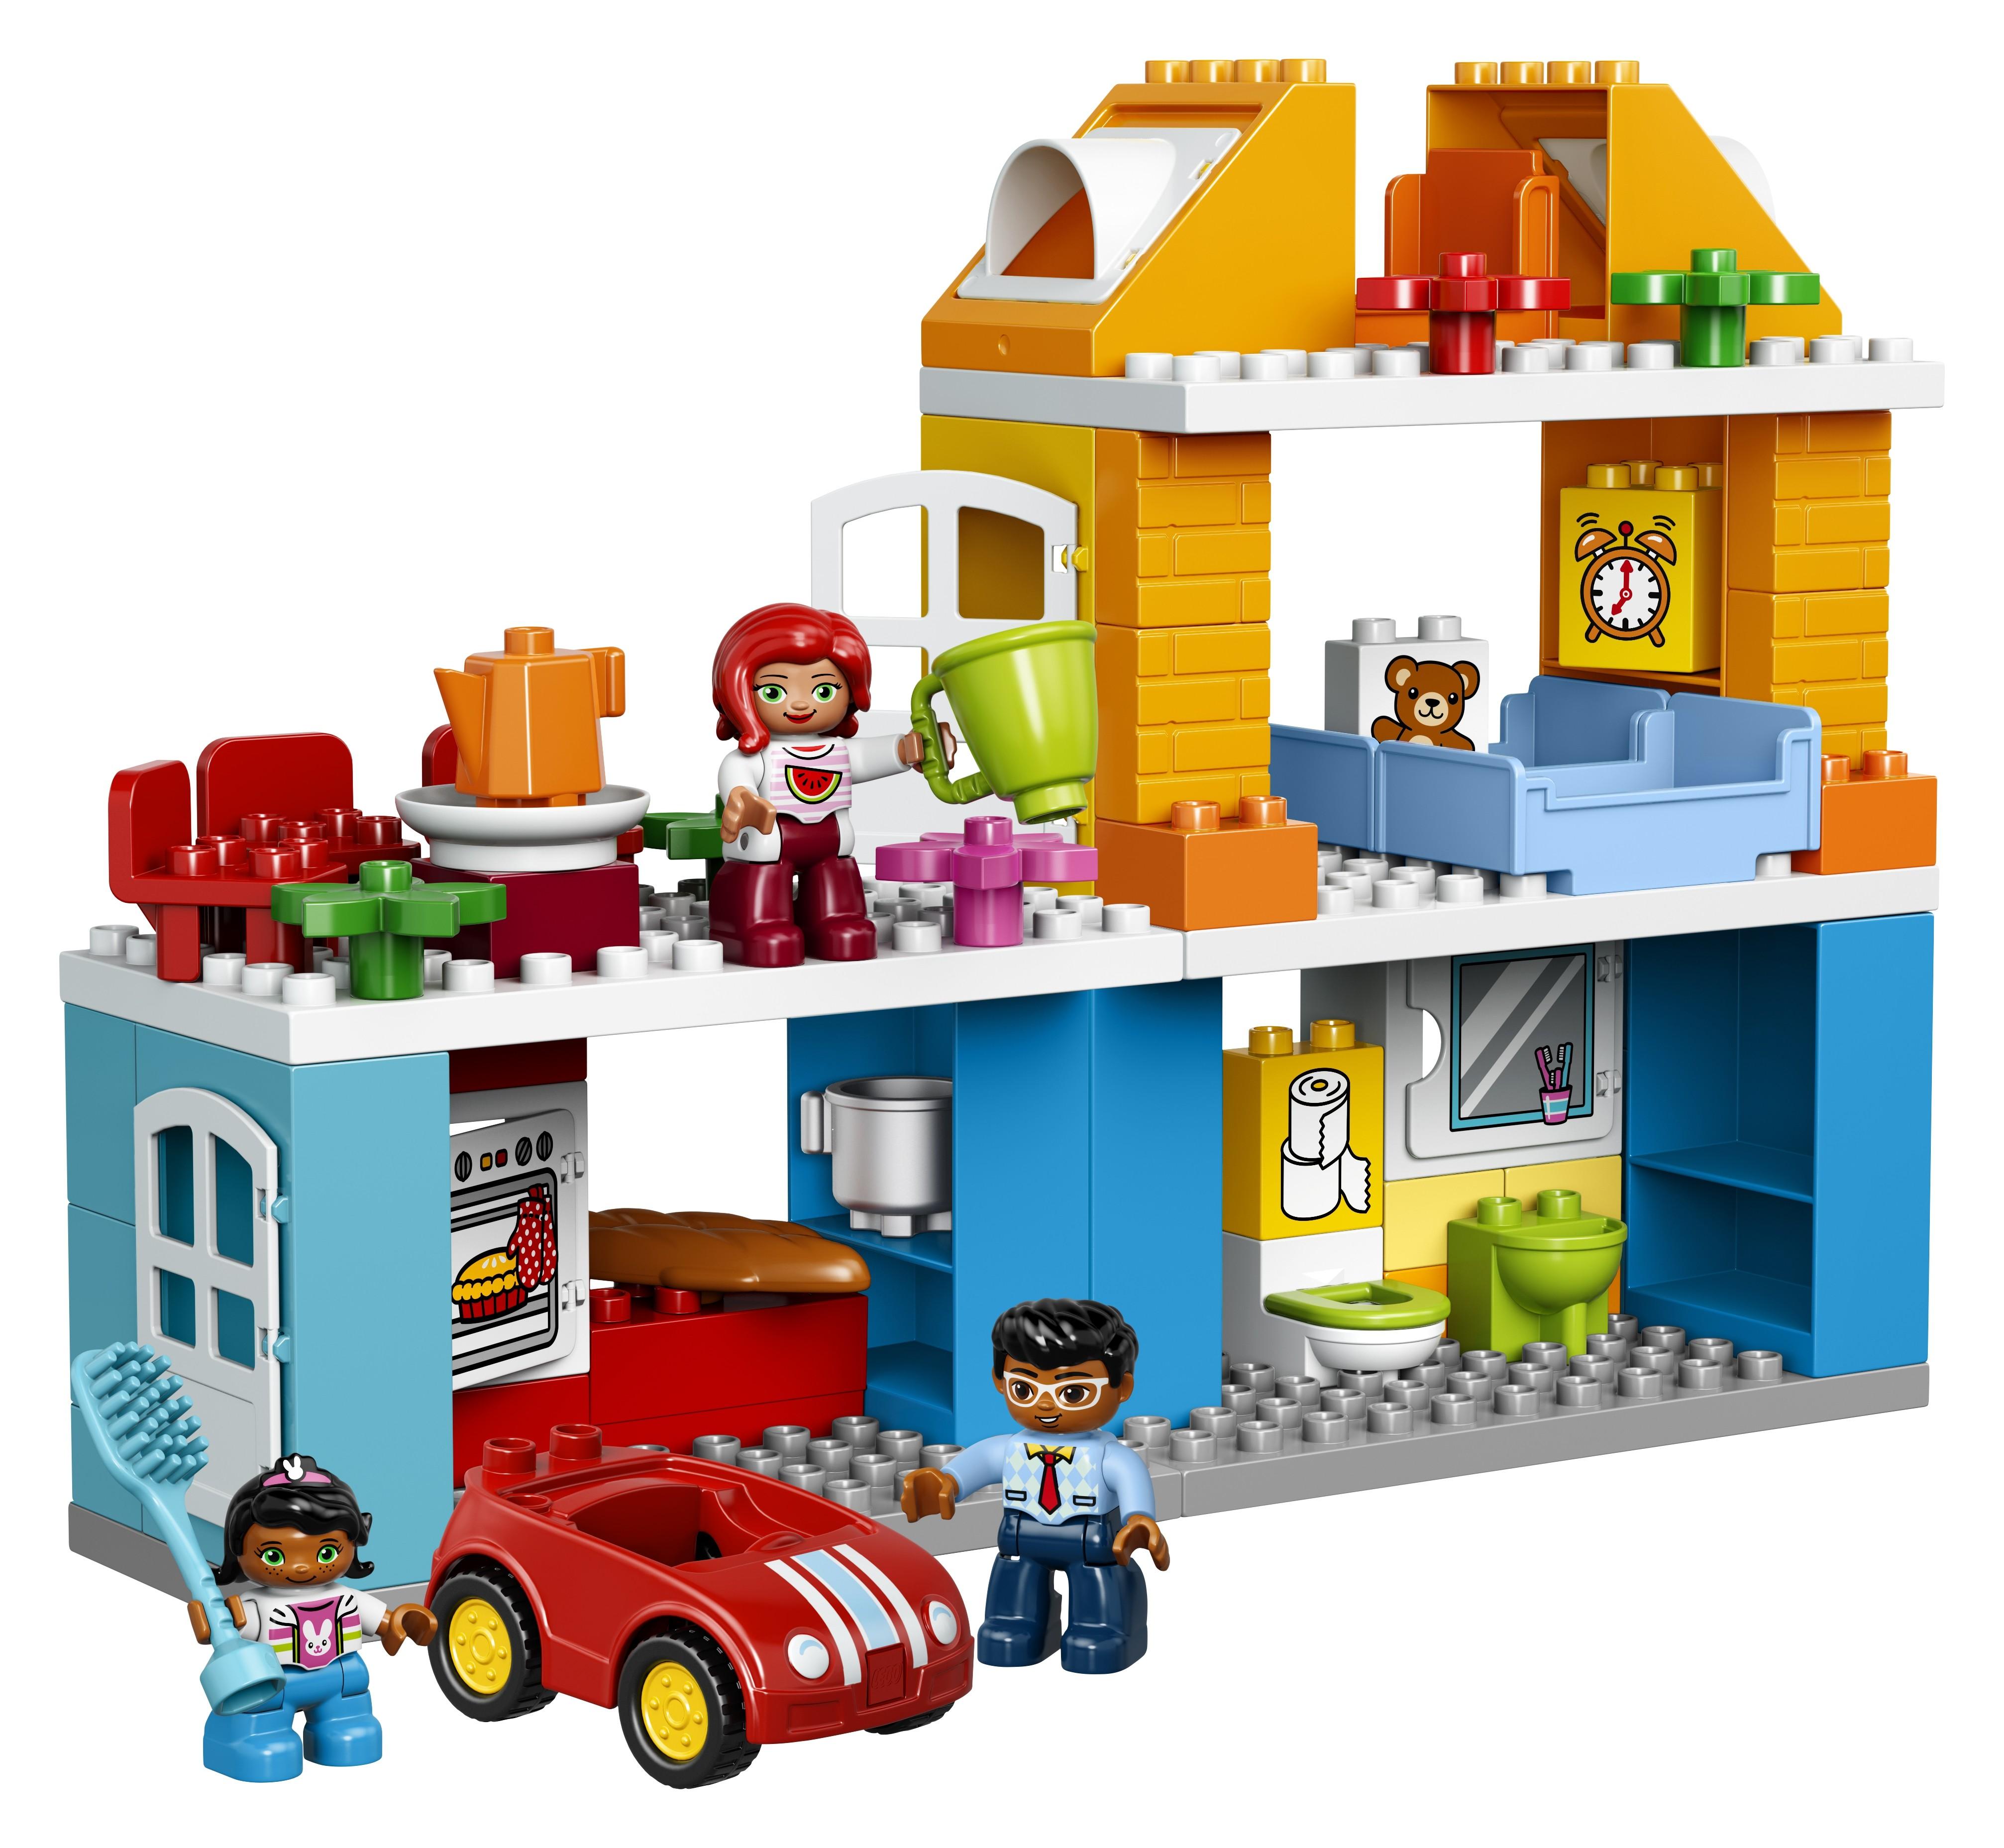 LEGO DUPLO LEGO Duplo Town 10835 Семейный дом lego duplo конструктор гоночный автомобиль 10589